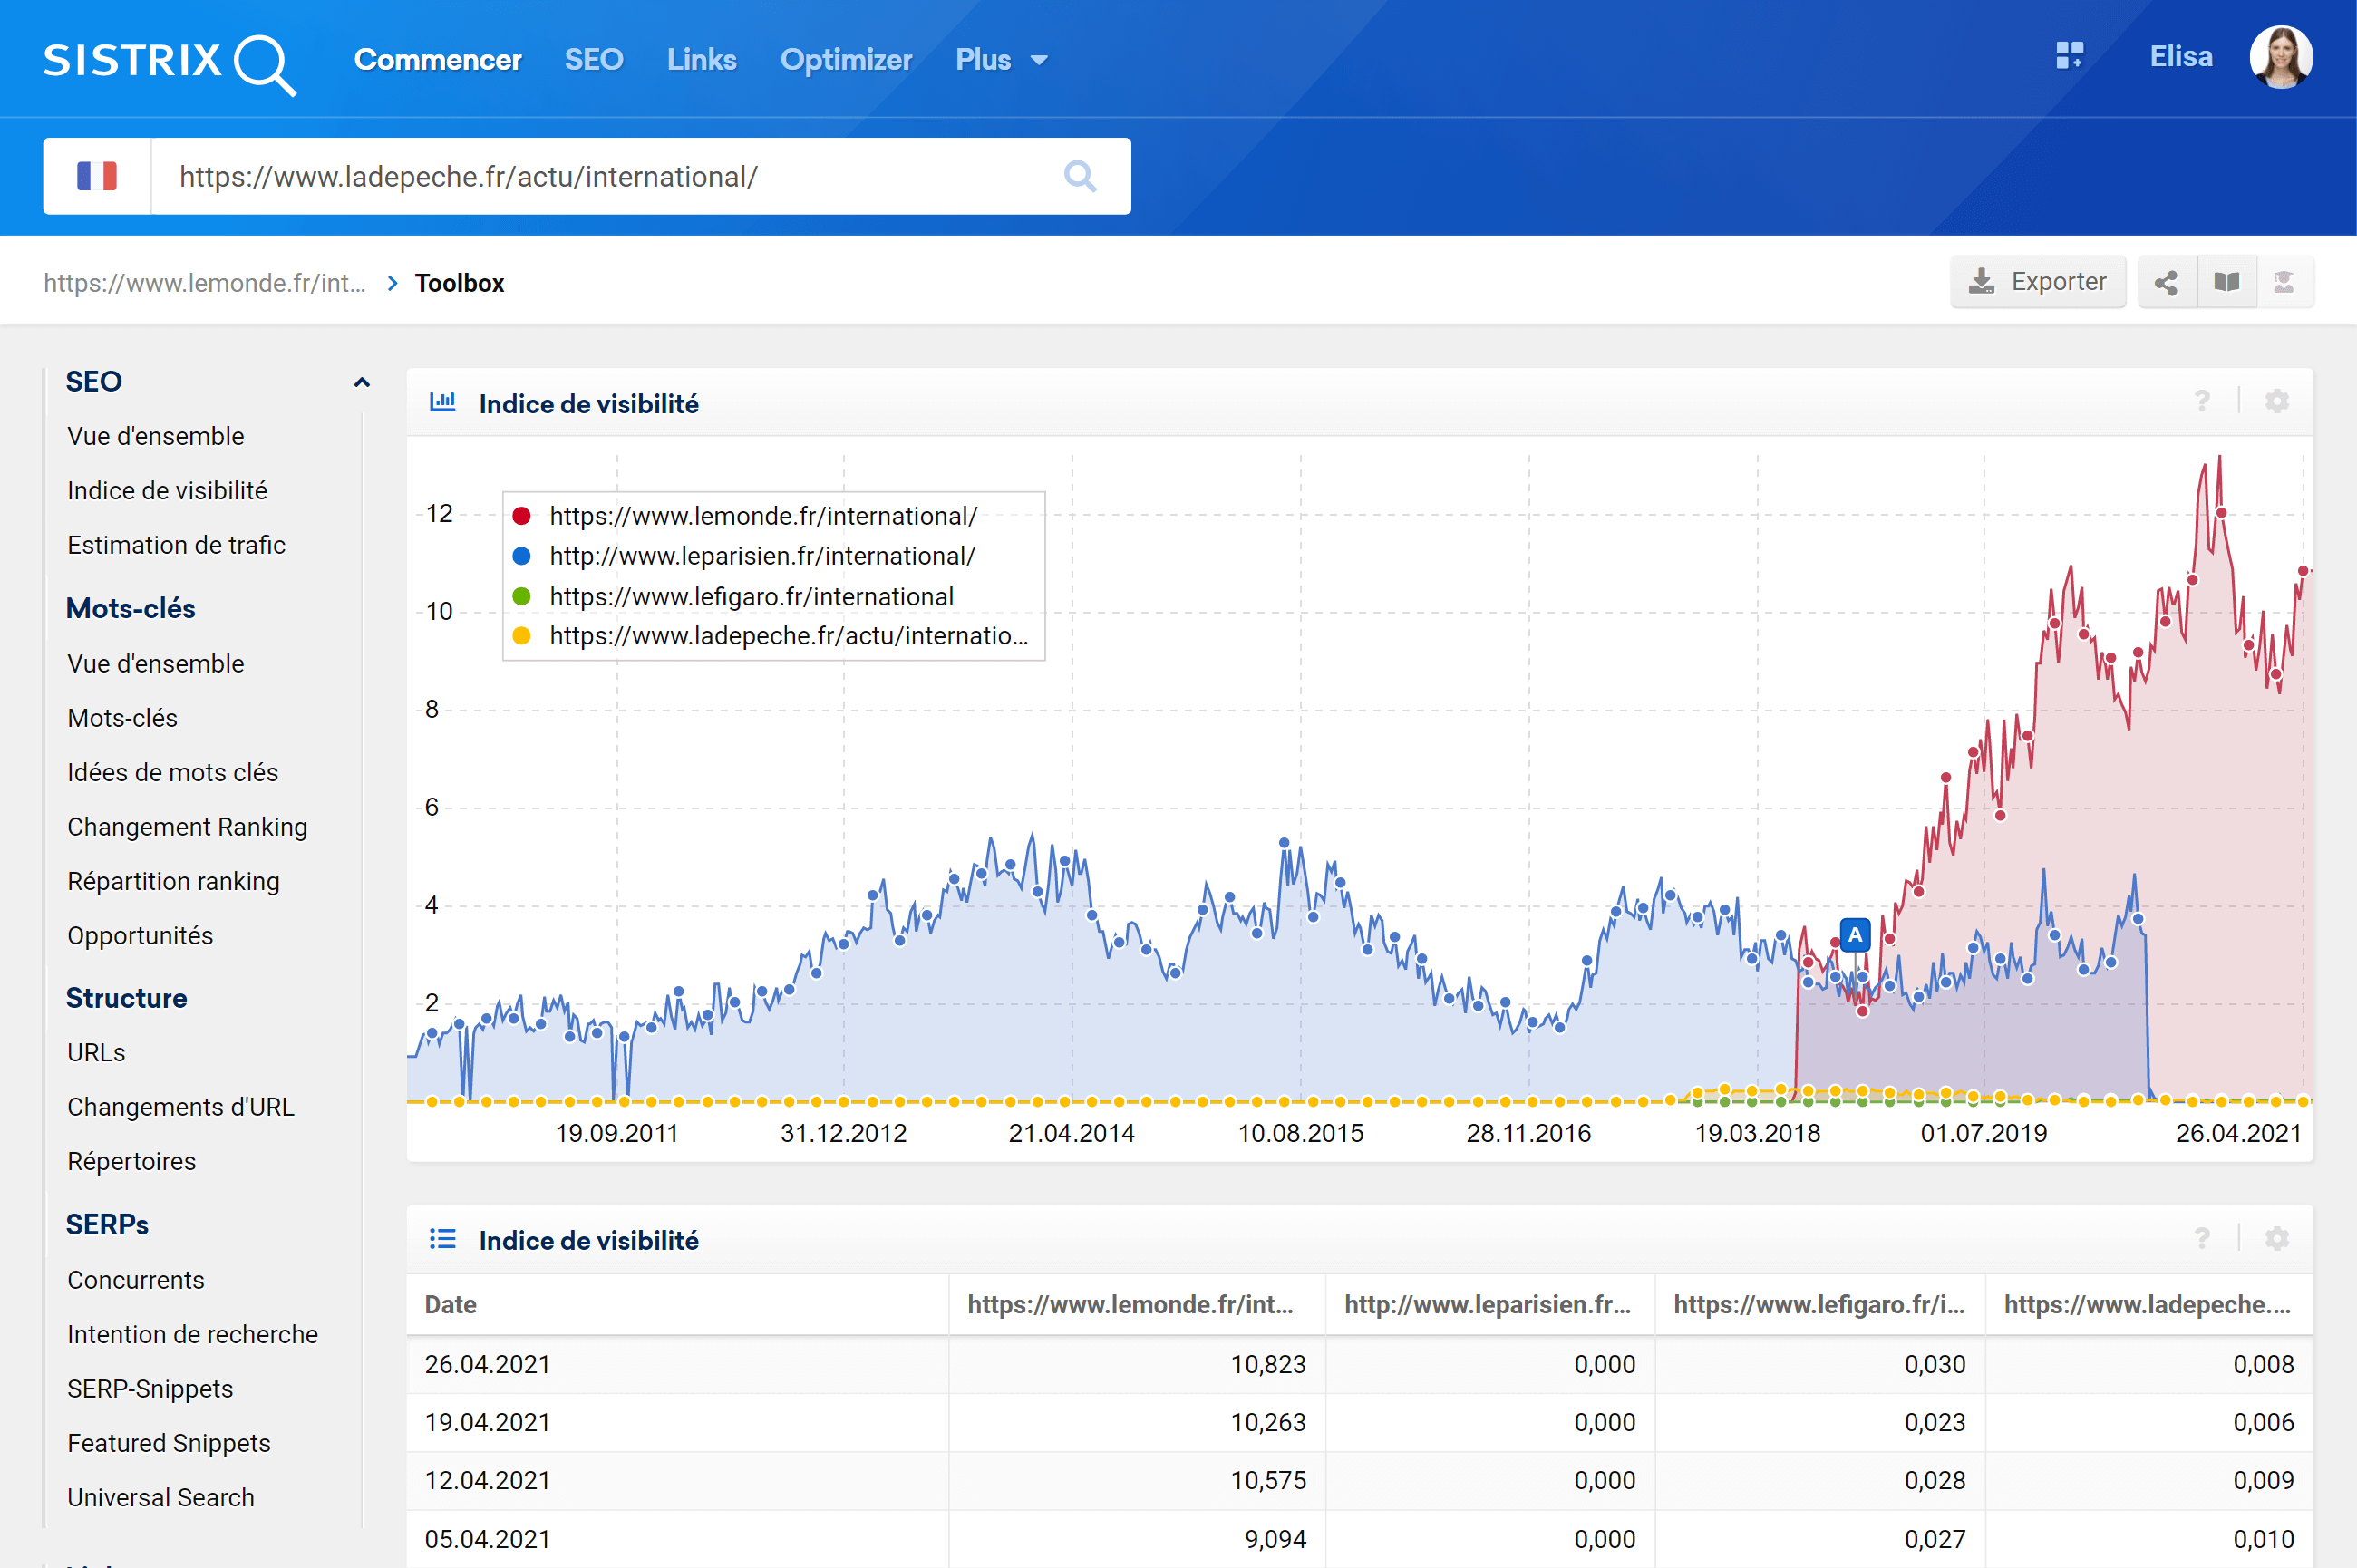 Comparaison des répertoires de quatre sites d'information